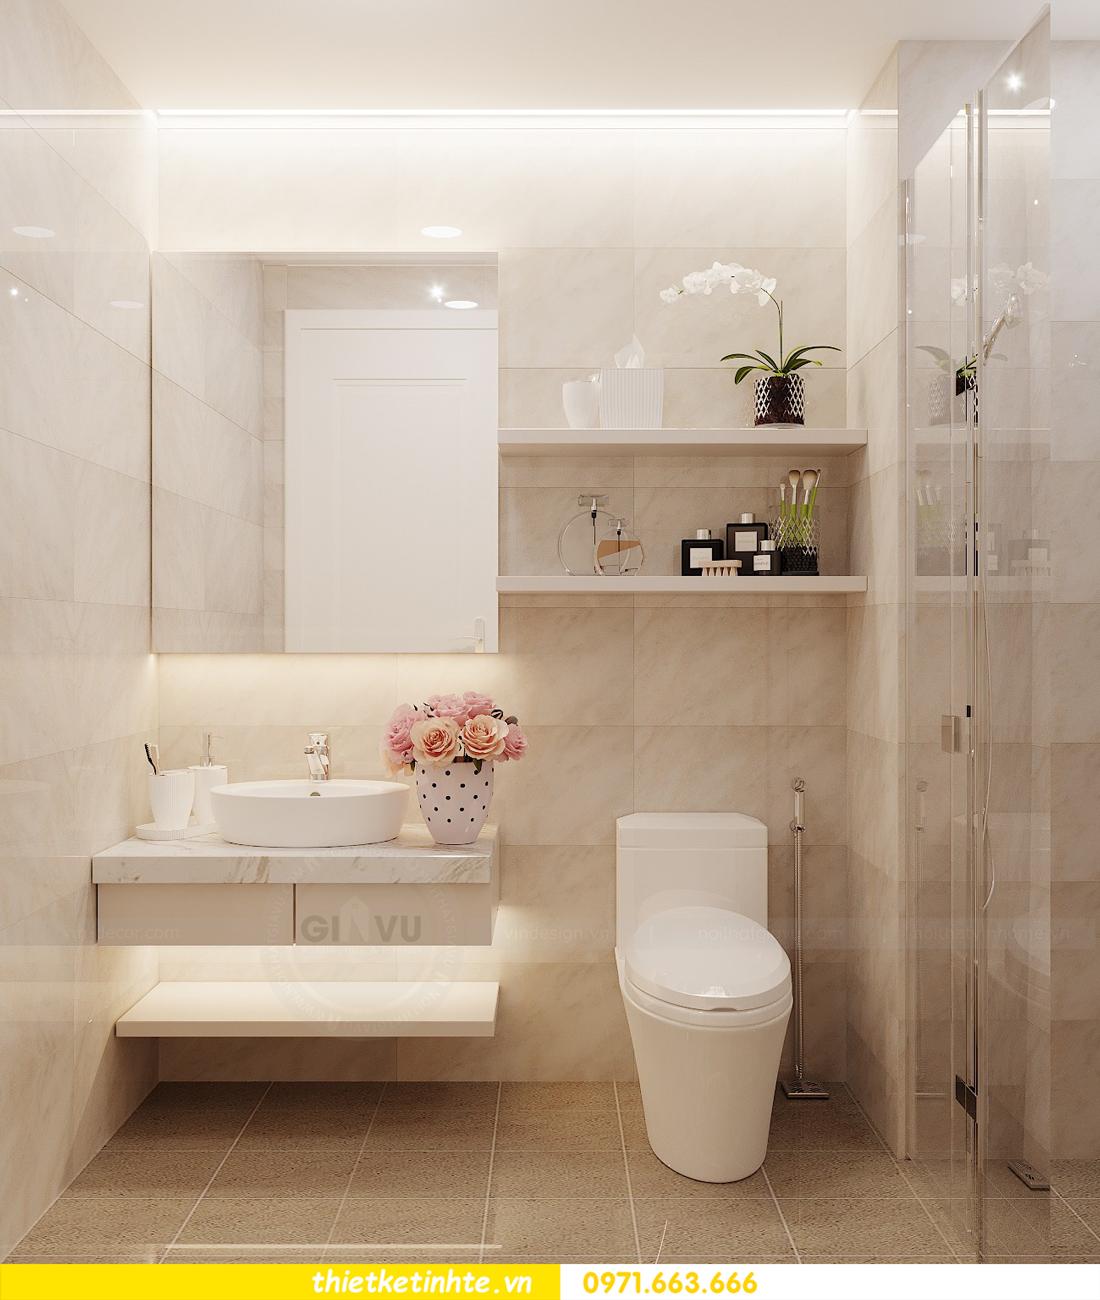 thiết kế nội thất căn hộ chung cư Green Bay G2 căn 10 12